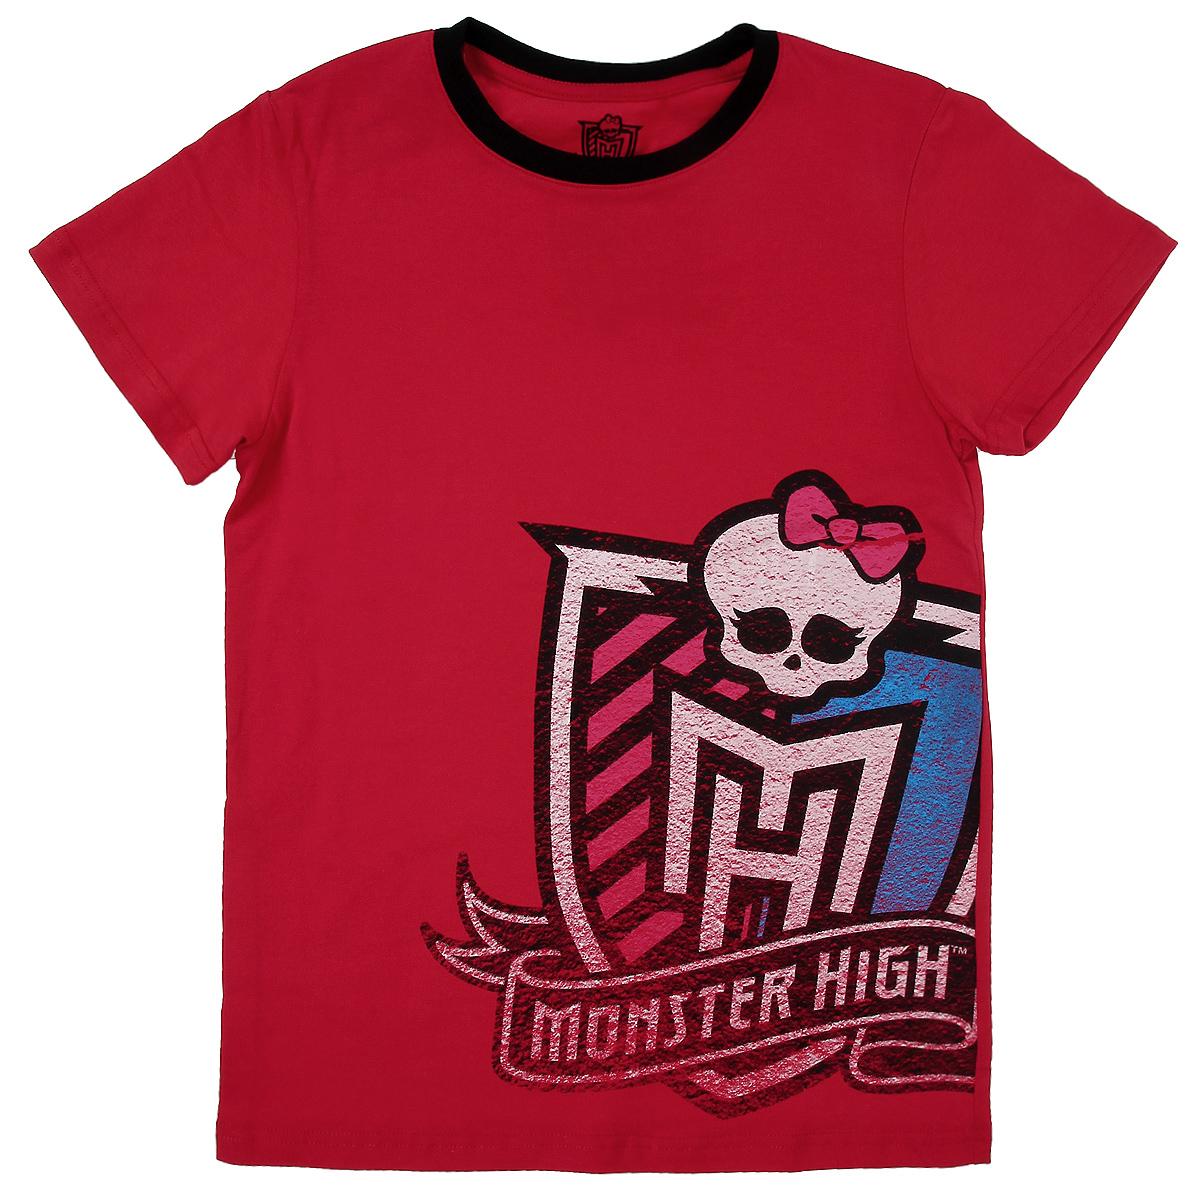 Футболка для девочки. MH-TSG48MH-TSG48Стильная футболка для девочки Monster High идеально подойдет вашей маленькой моднице. Изготовленная из натурального хлопка, она необычайно мягкая и приятная на ощупь, не сковывает движения ребенка и позволяет коже дышать, не раздражает даже самую нежную и чувствительную кожу, обеспечивая наибольший комфорт. Футболка свободного кроя с короткими рукавами и круглым вырезом горловины спереди оформлена оригинальным принтом. Вырез горловины дополнен трикотажной эластичной резинкой. Оригинальный современный дизайн и модная расцветка делают эту футболку модным и стильным предметом детского гардероба. В ней ваша дочурка будет чувствовать себя уютно и комфортно, и всегда будет в центре внимания!